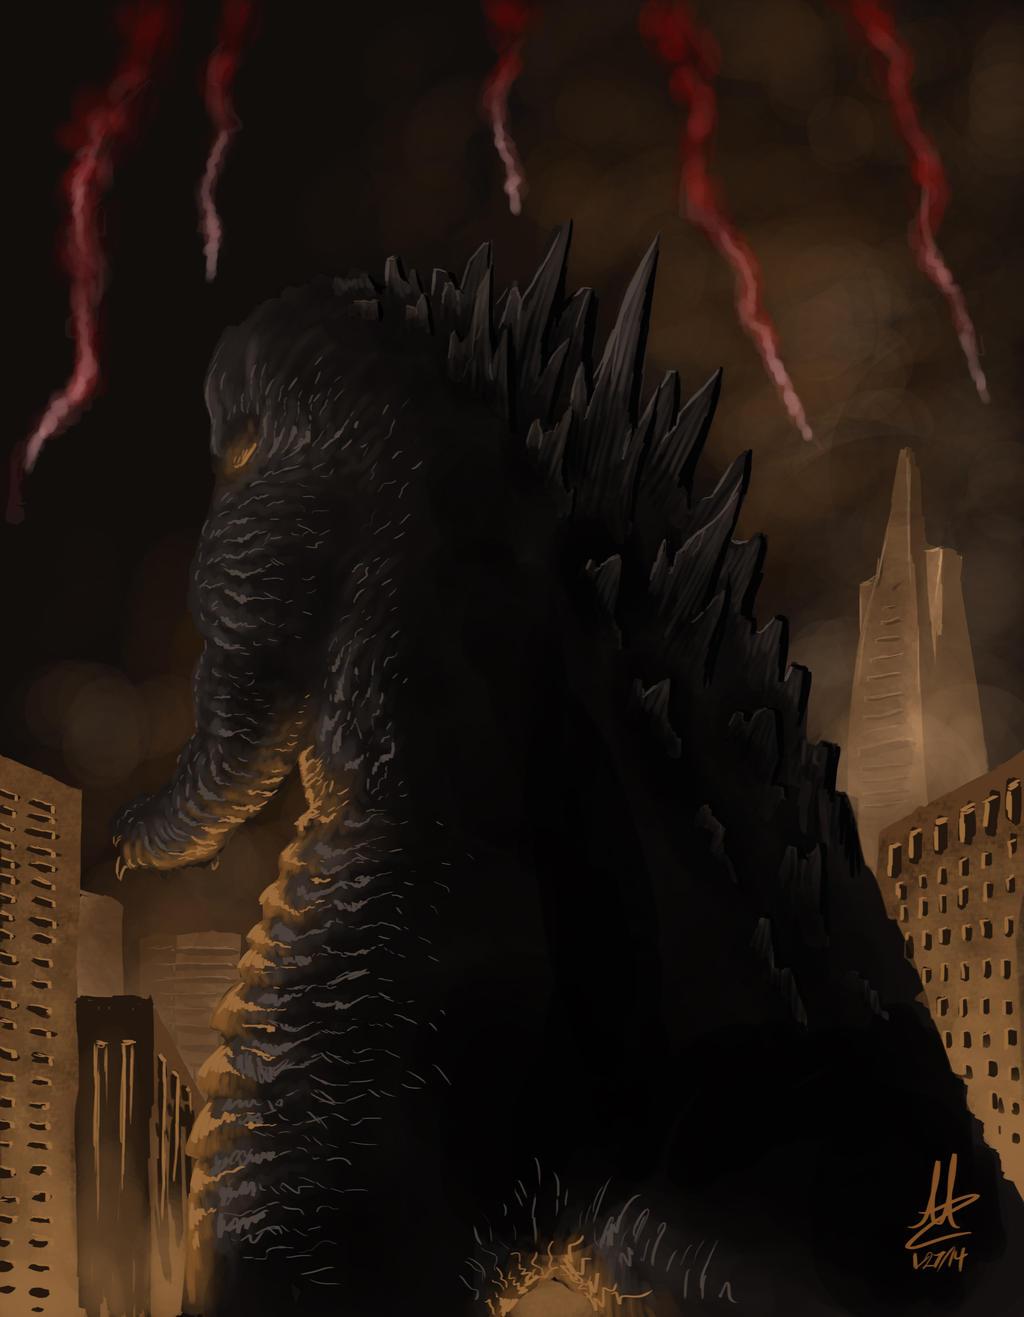 Godzilla 2014 by Virus-91